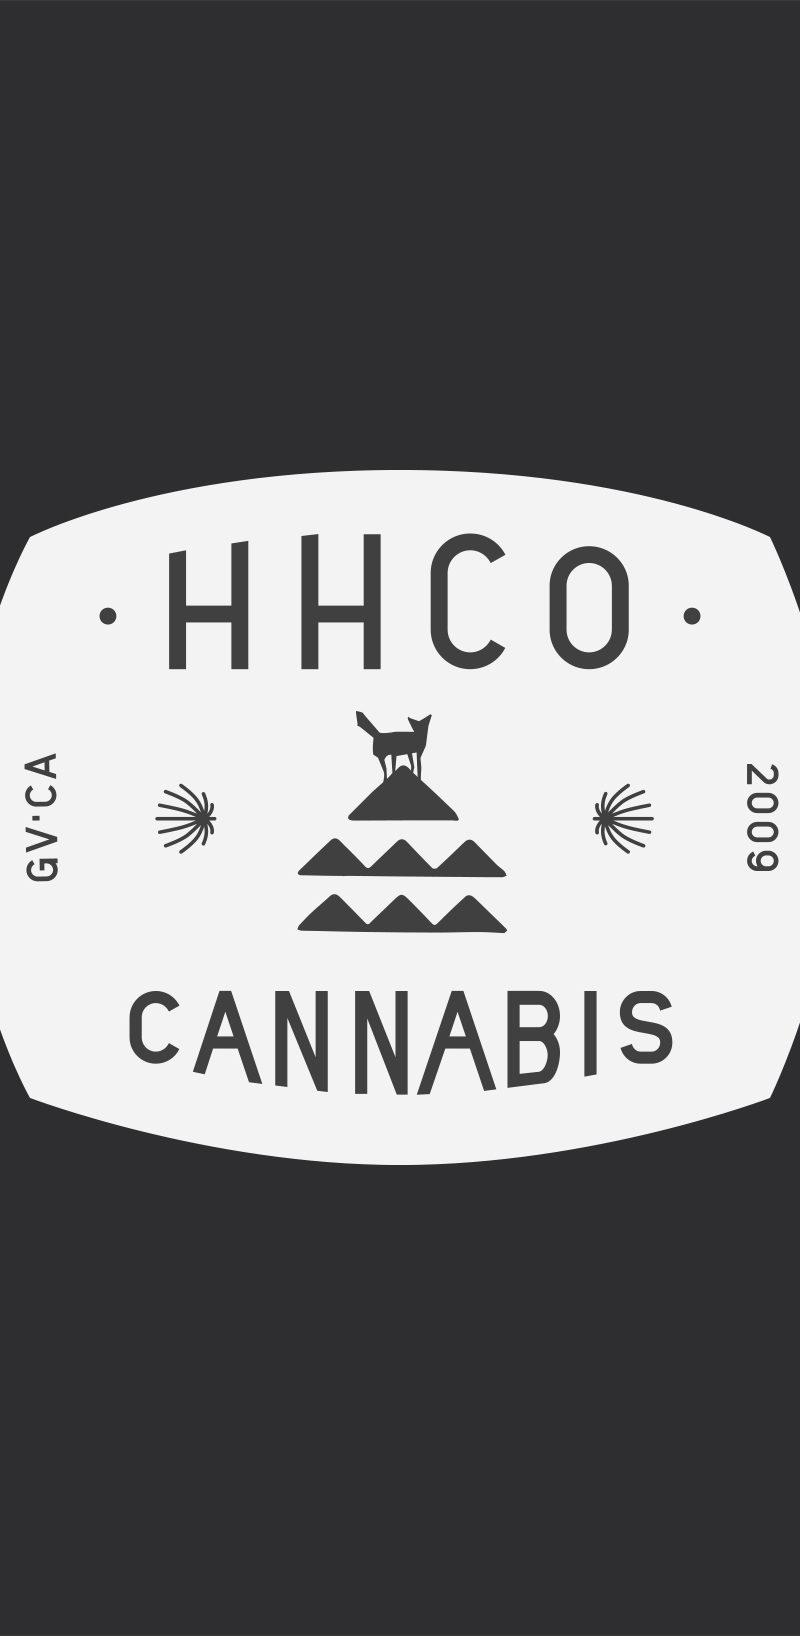 HHCO Cannabis